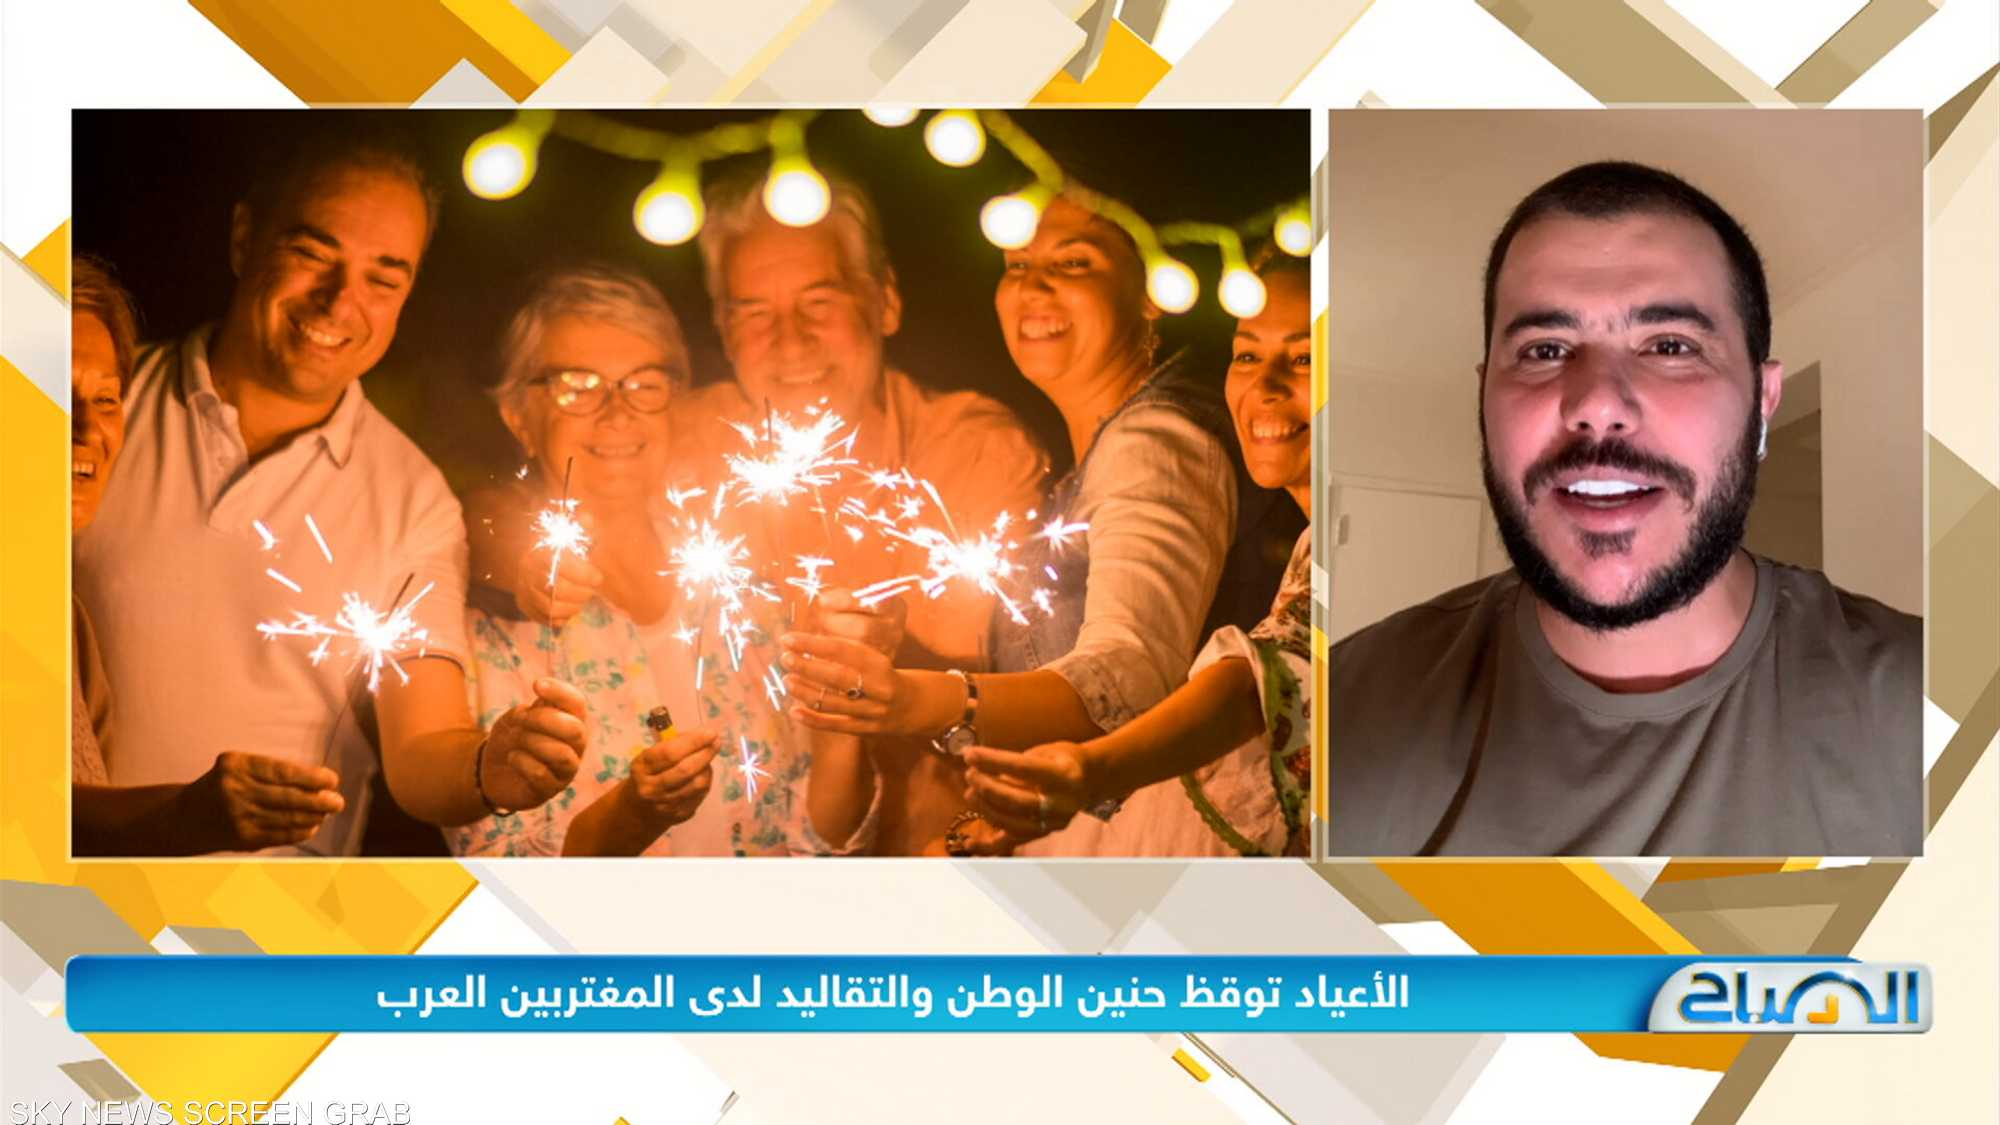 الأعياد توقظ حنين الوطن والتقاليد لدى المغتربين العرب